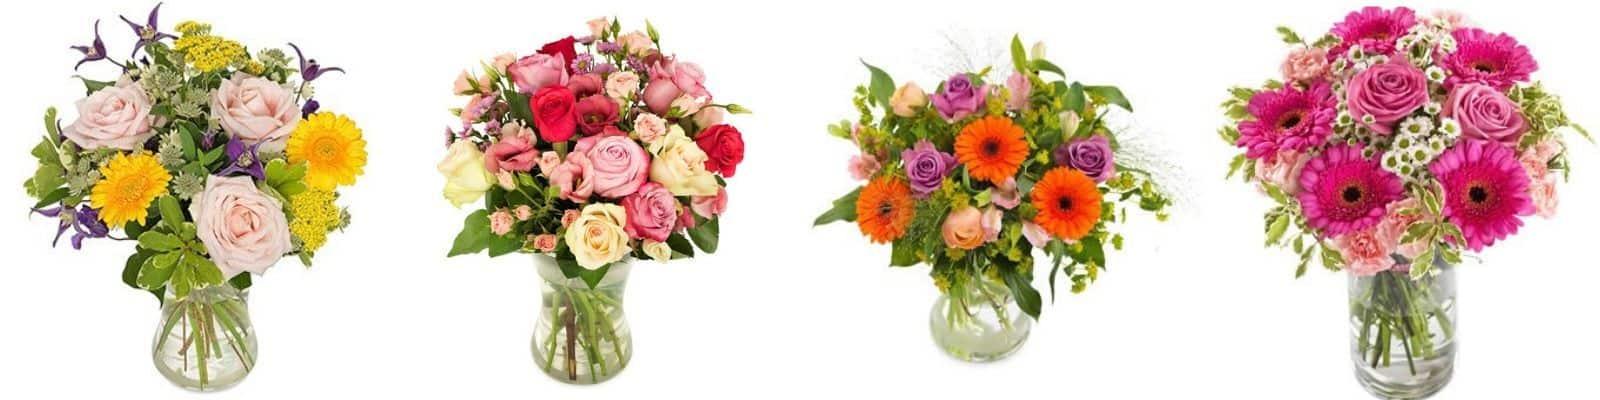 Blumenstrauß verschicken - Blumenversand